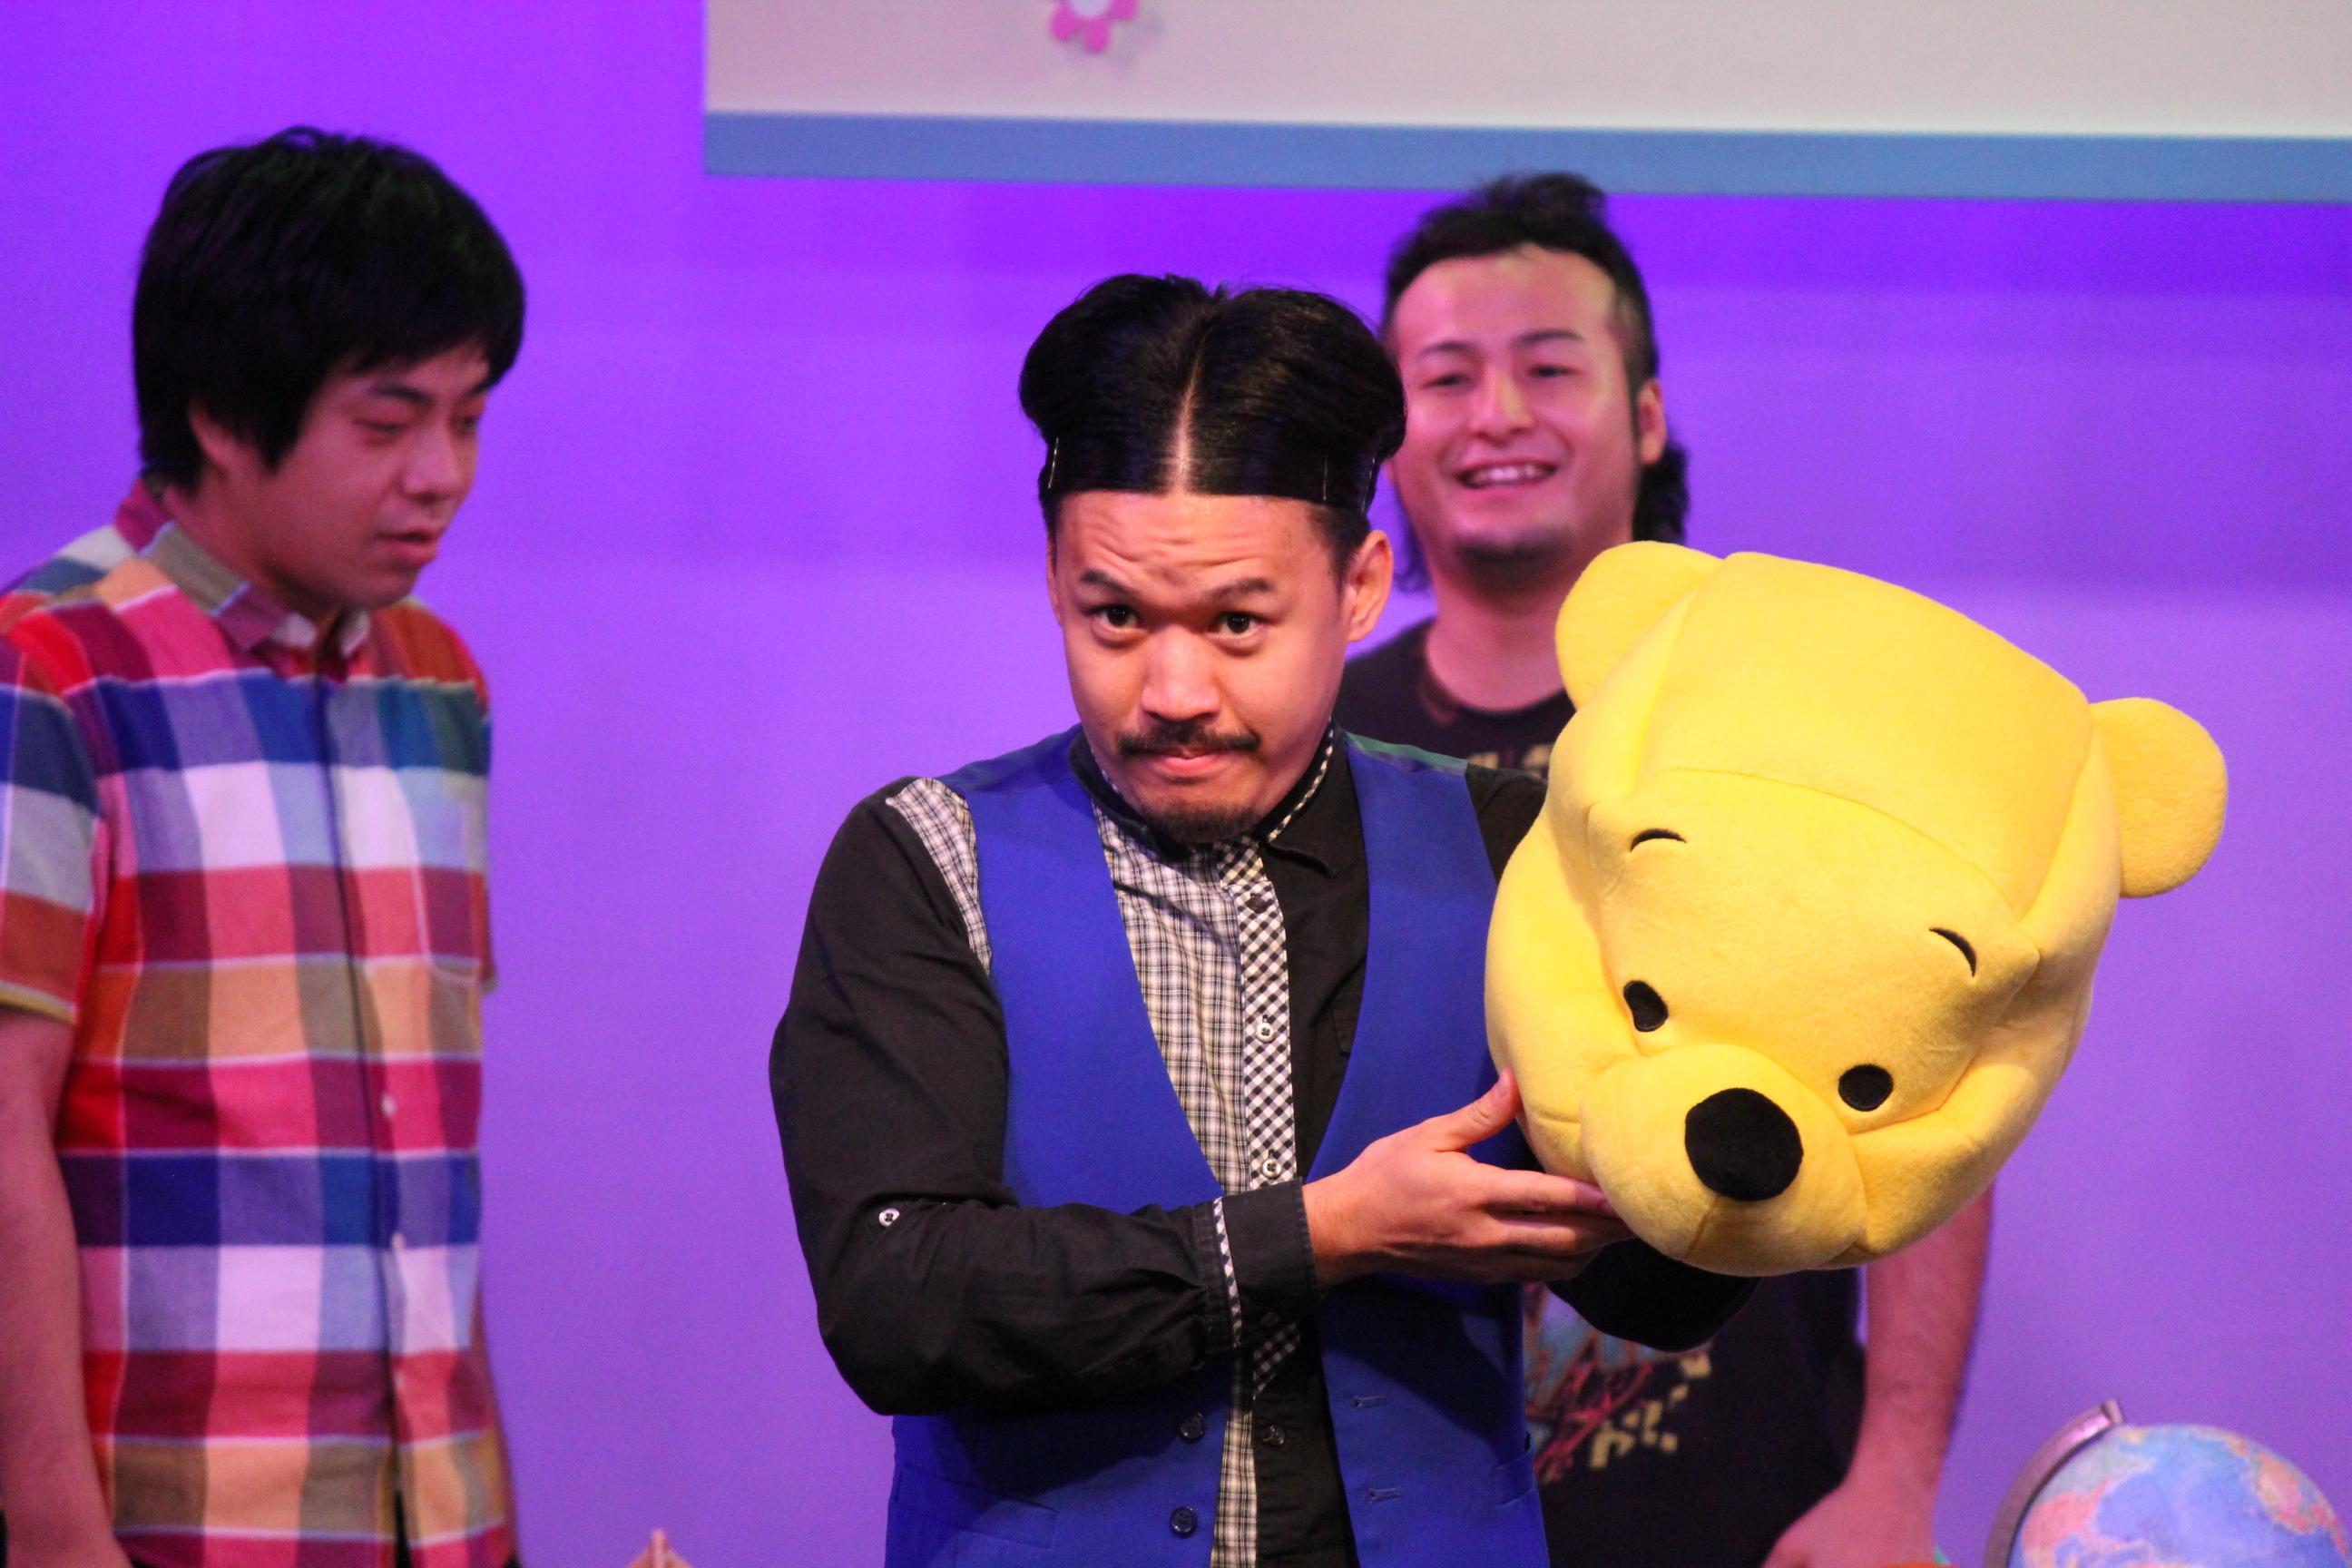 http://news.yoshimoto.co.jp/20151127174955-dcecd962de8bf5c476f9acf4b77620c8f7c5593f.jpg